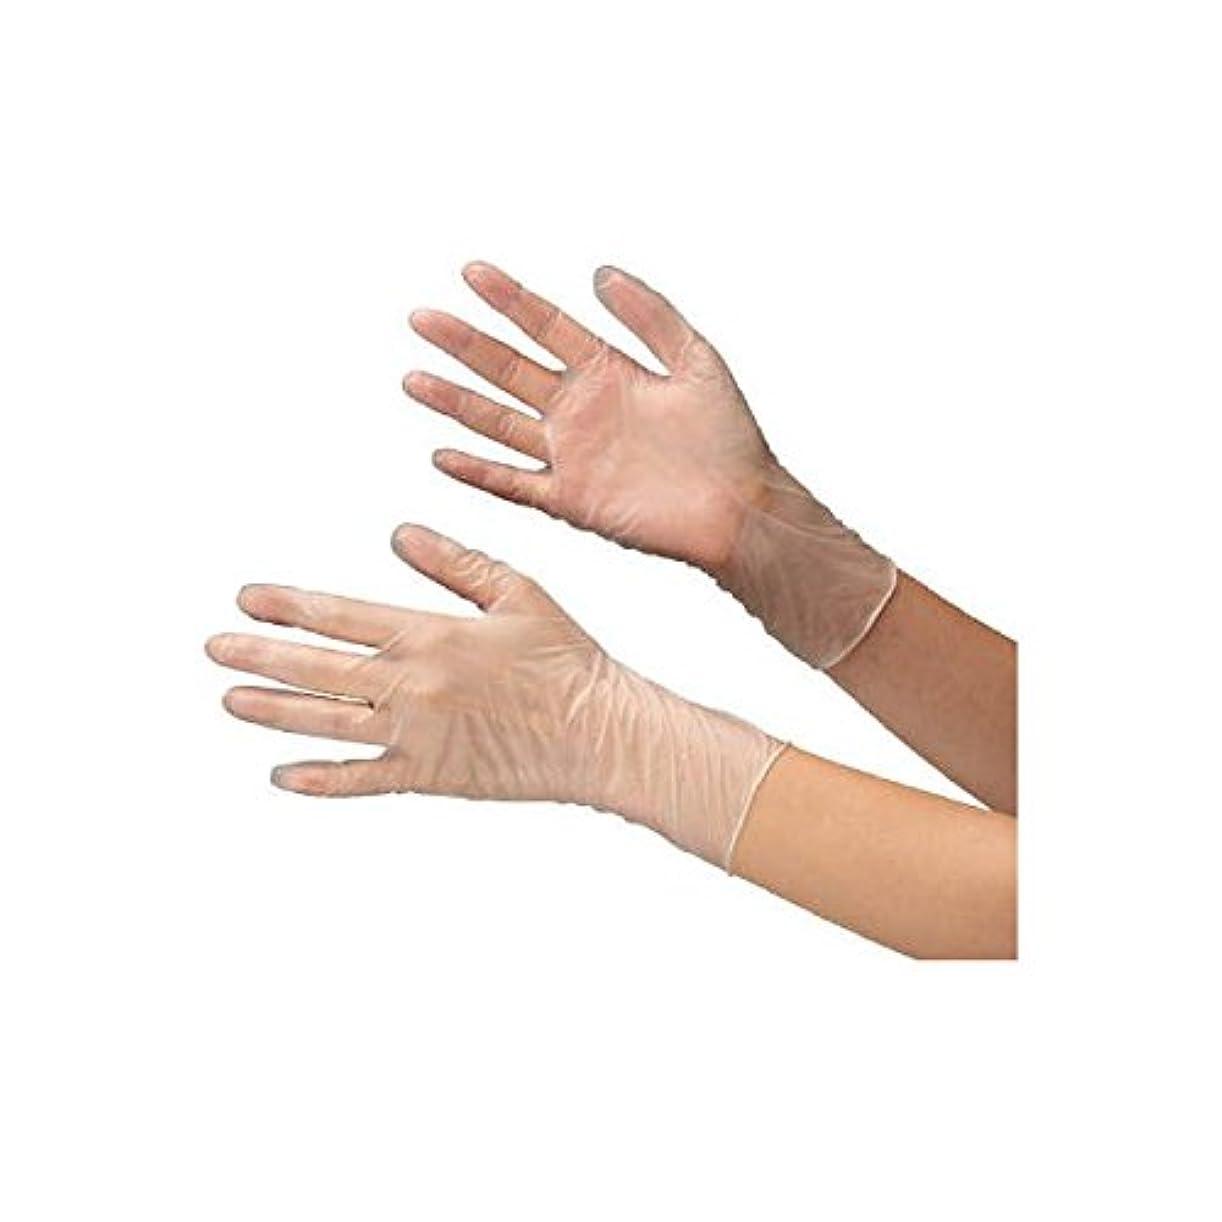 違反襟コロニーミドリ安全/ミドリ安全 塩化ビニール製 使い捨て手袋 粉なし 100枚入 LL(3889319) VERTE-851-LL [その他]